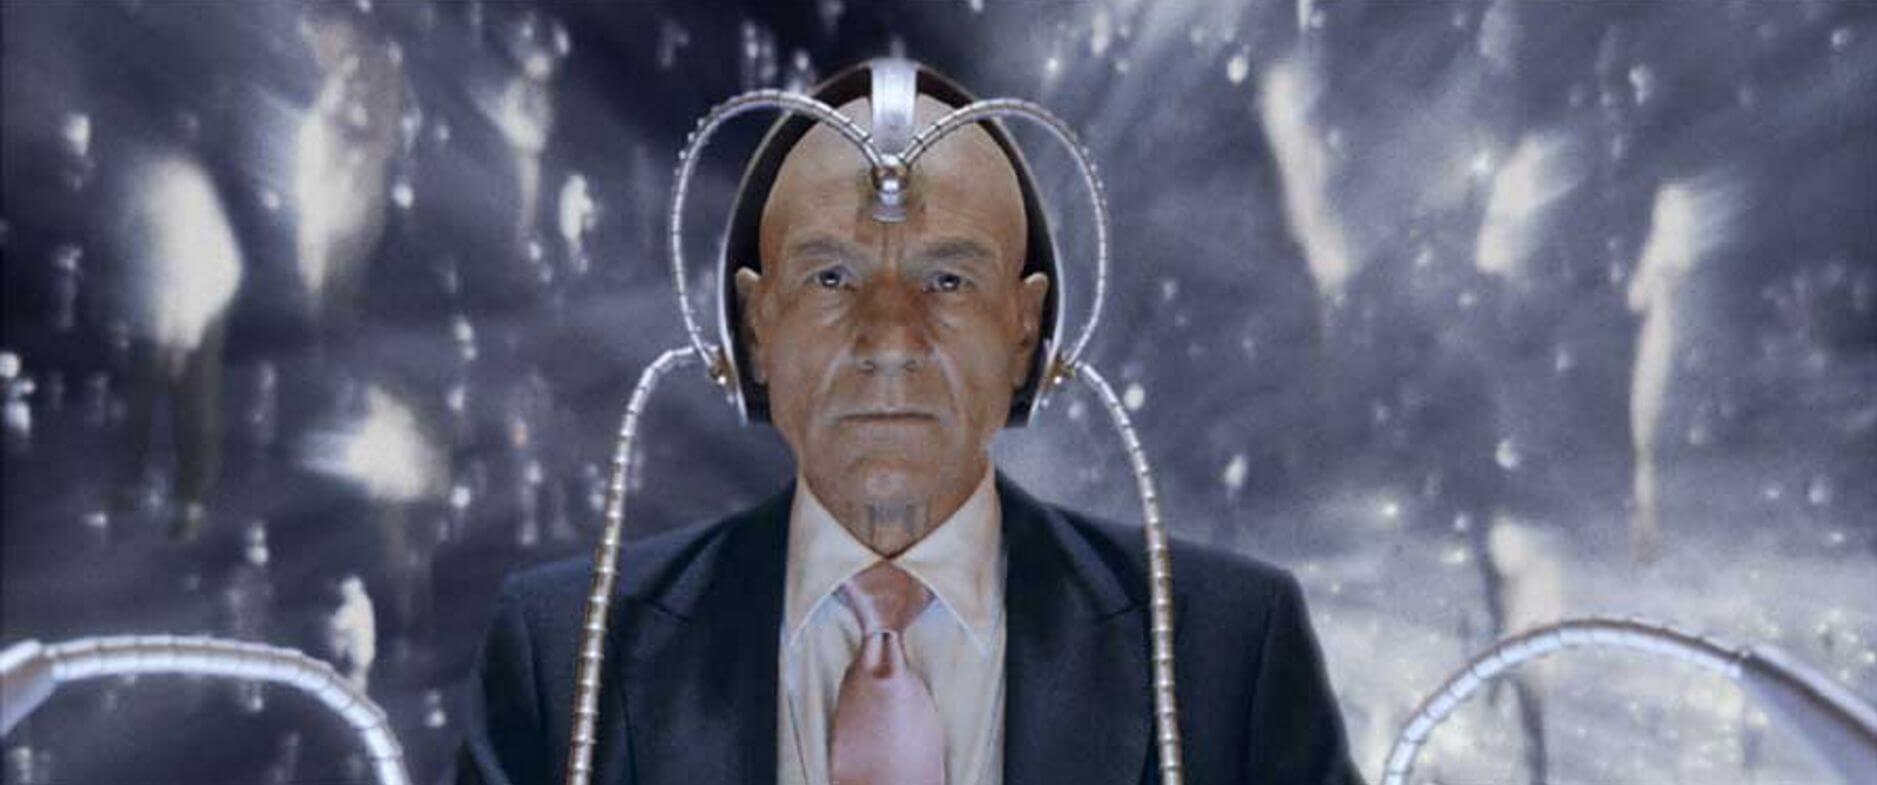 Professor X in Cerebro